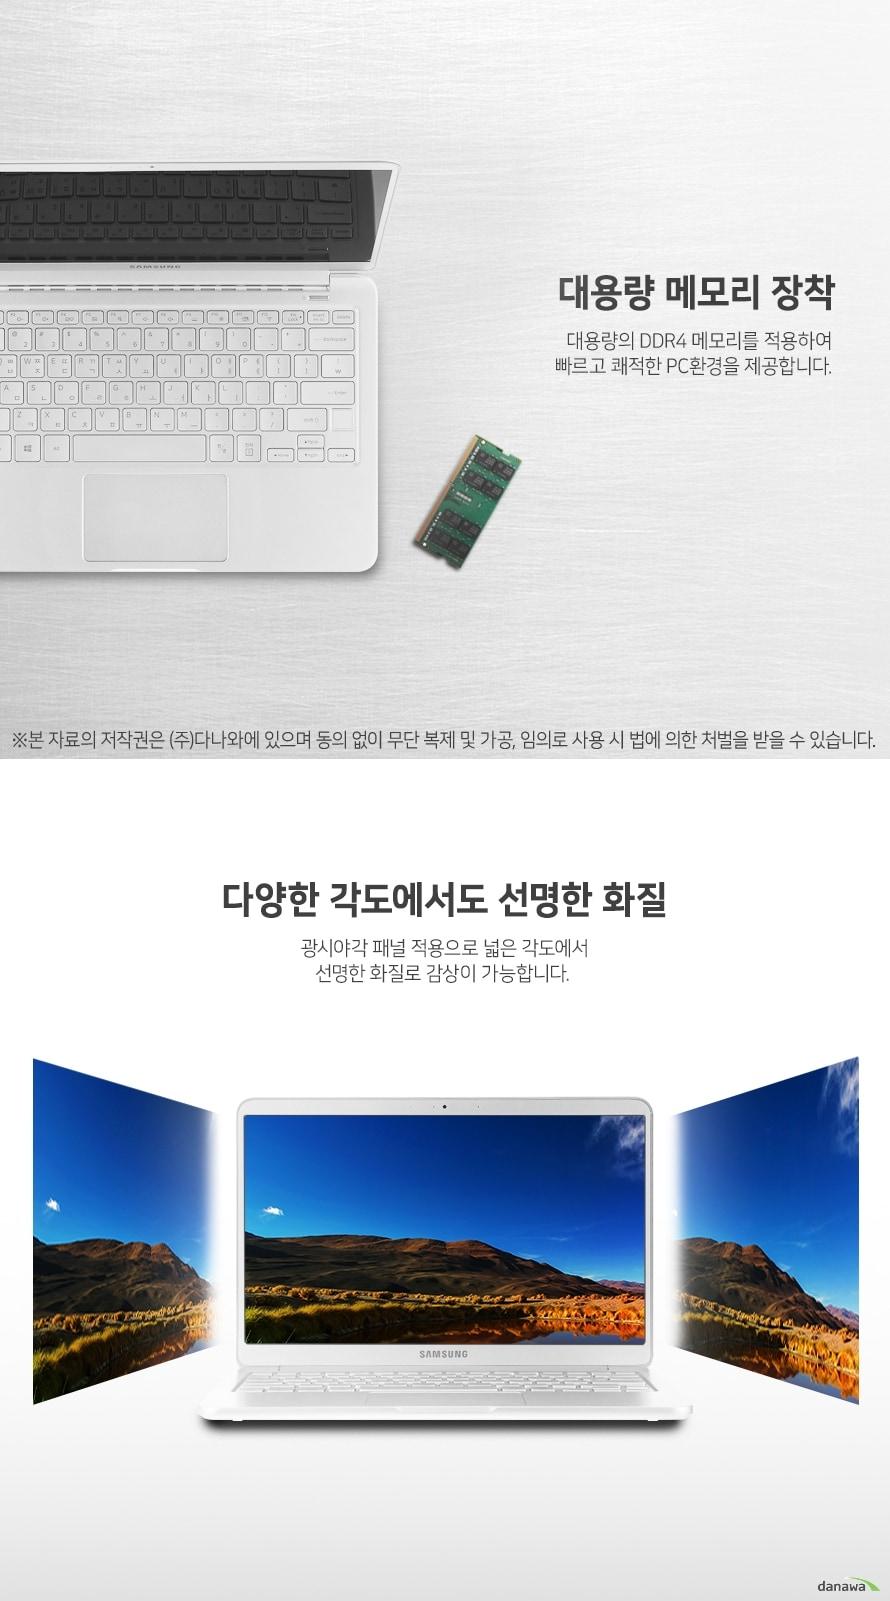 대용량 메모리 장착 대용량의 DDR4 메모리를 장착하여 빠르고 쾌적한 PC환경을 제공합니다. 다양한 각도에서도 선명한 화질 광시야각 패널 적용으로 넓은 각도에서 선명한 화질로 감상이 가능합니다.